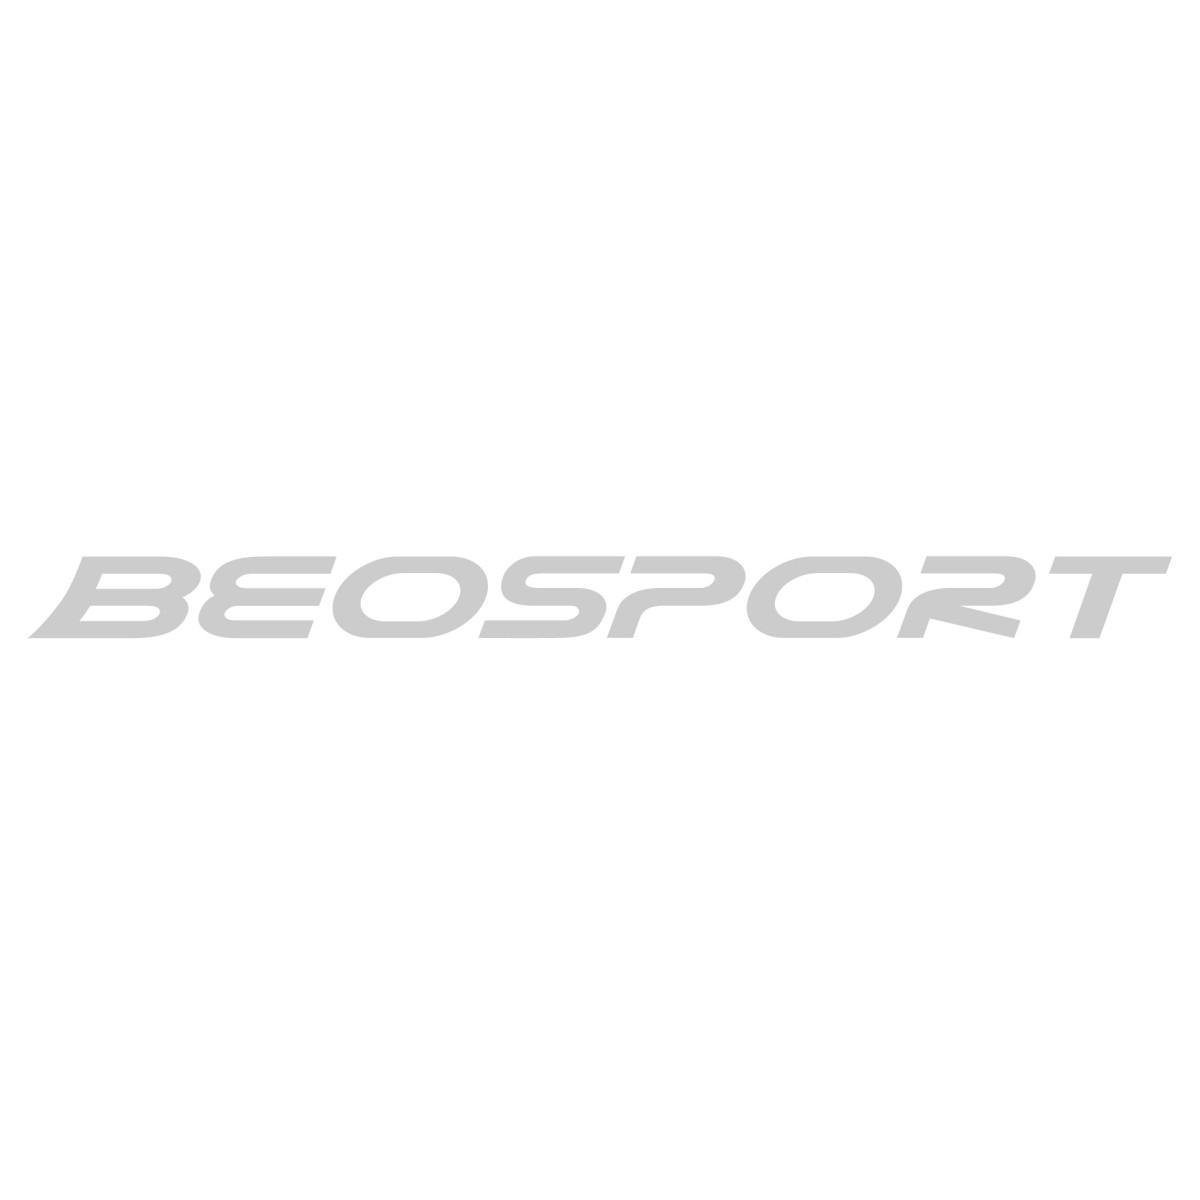 Miller Division Mission skateboard